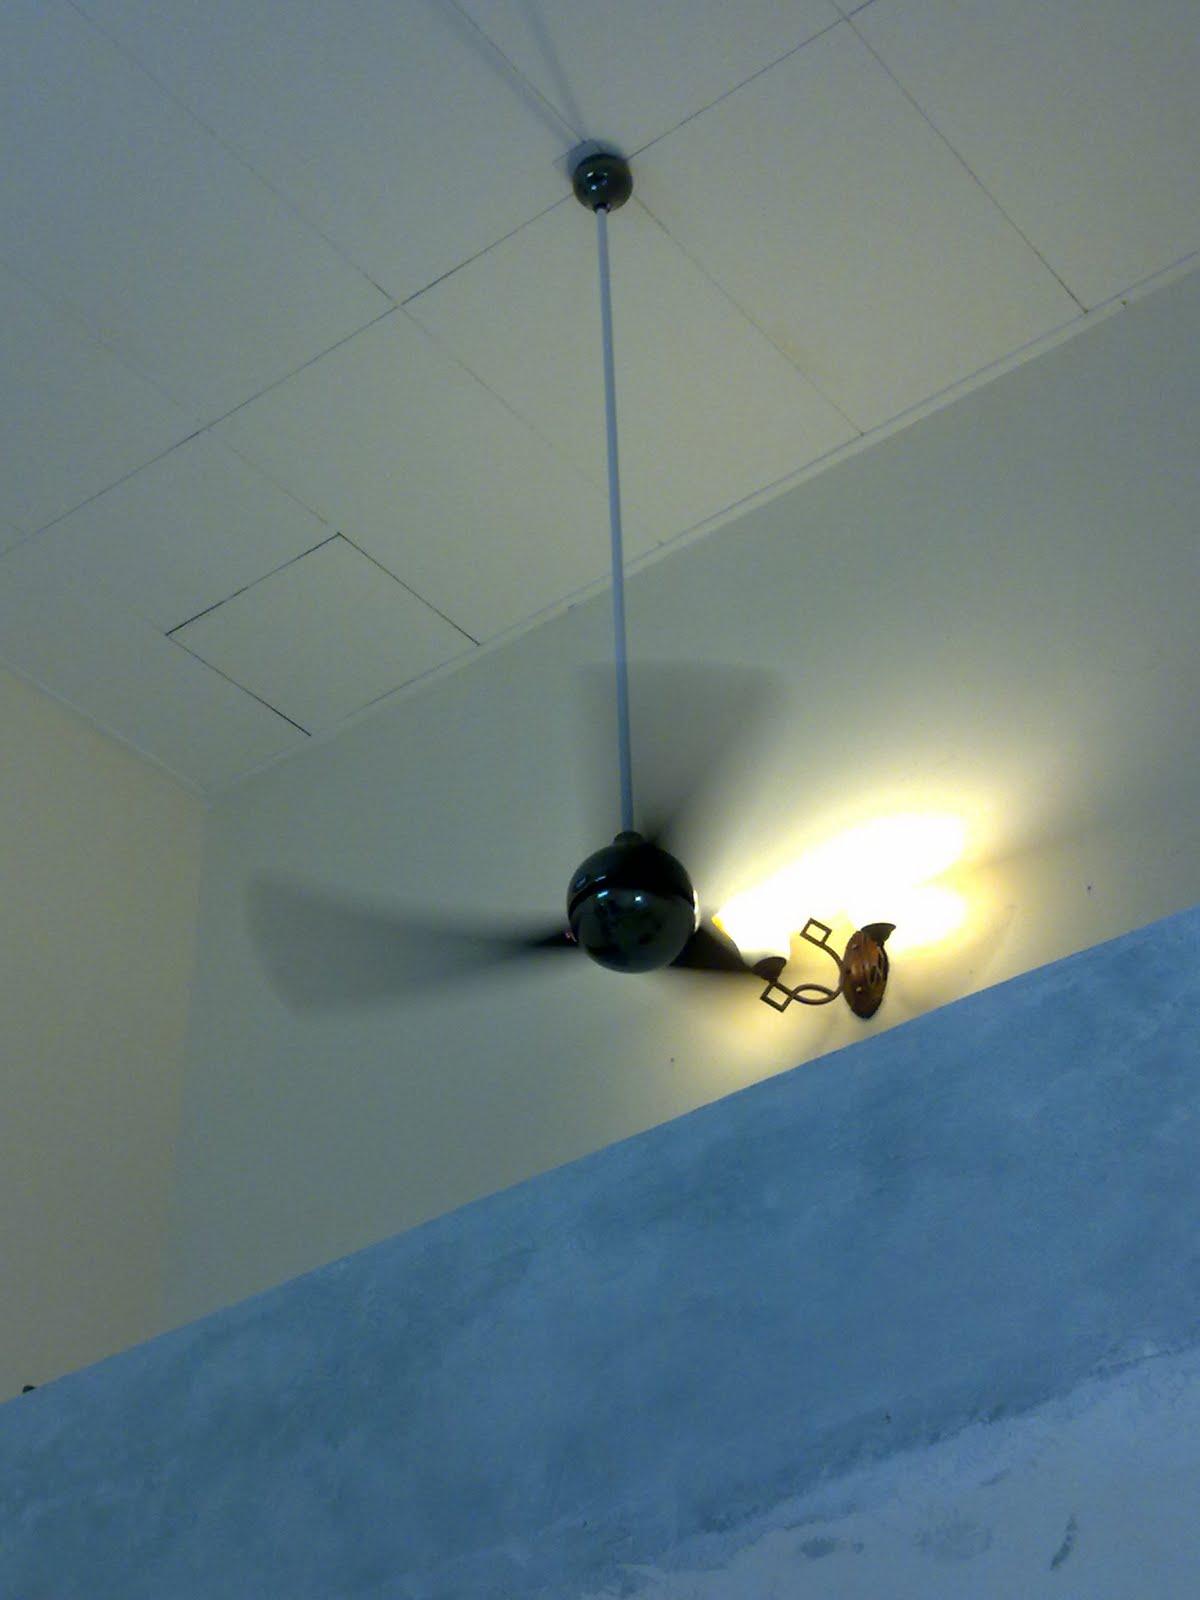 360 Degree Of My Life Ubahsuai Rumah Part 5 Padanan Lampu Sesuai Senihias Siling Plaster Ruang Tamu Idaman